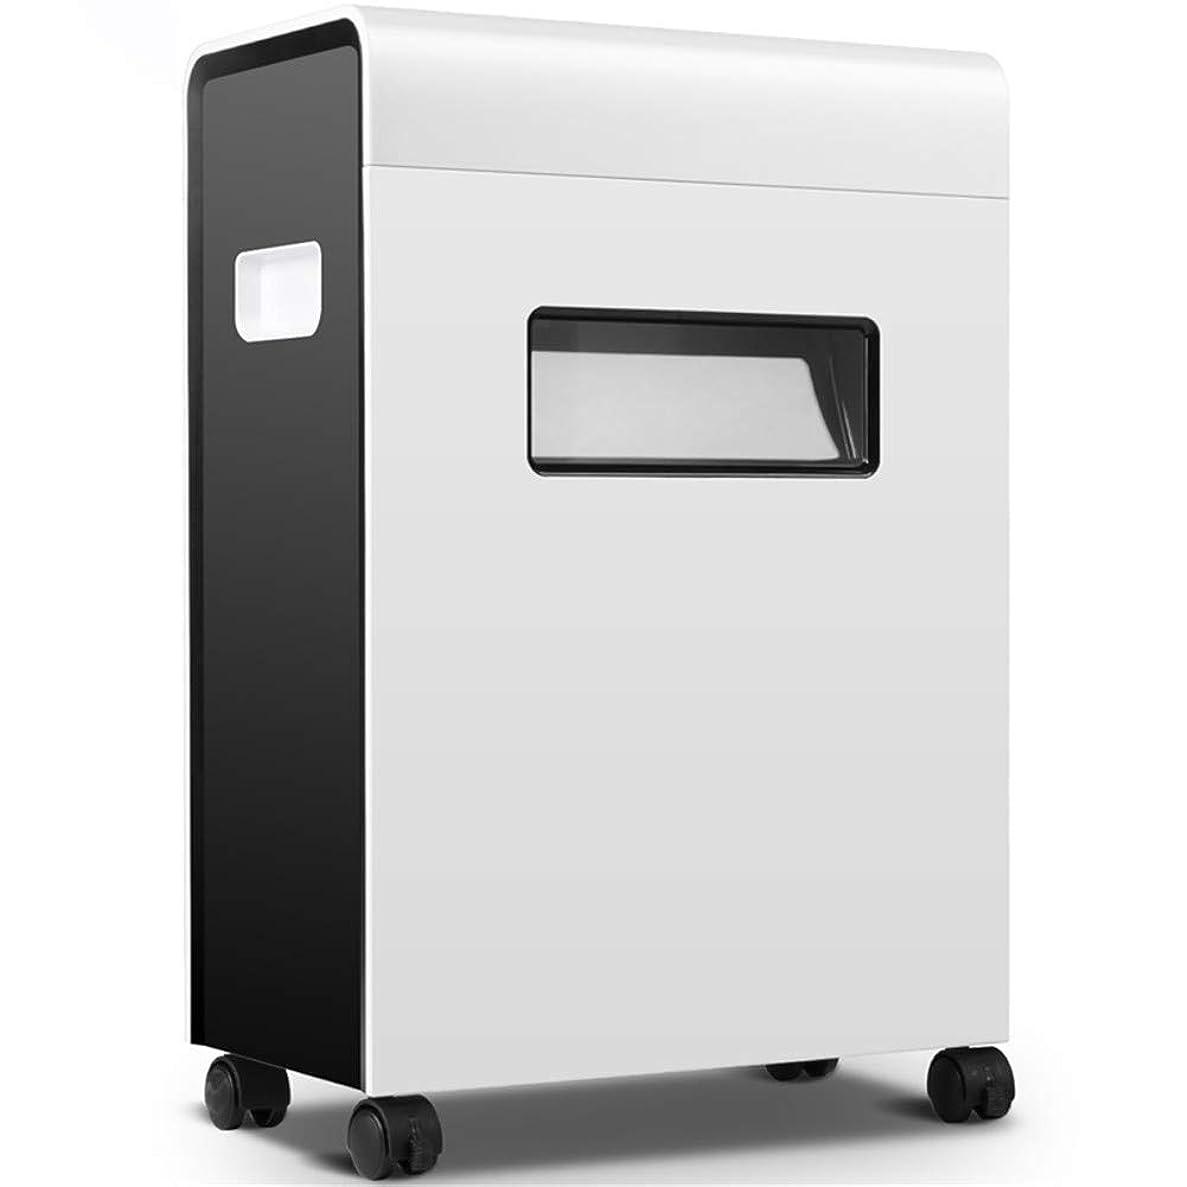 人口ステップ必要とする電動シュレッダー手動電気オフィスのシュレッダーのペーパーオフィス23Lの容積220-230VAC / 50Hz節電の自動停止のペーパーシュレッダーの引出しのタイプ